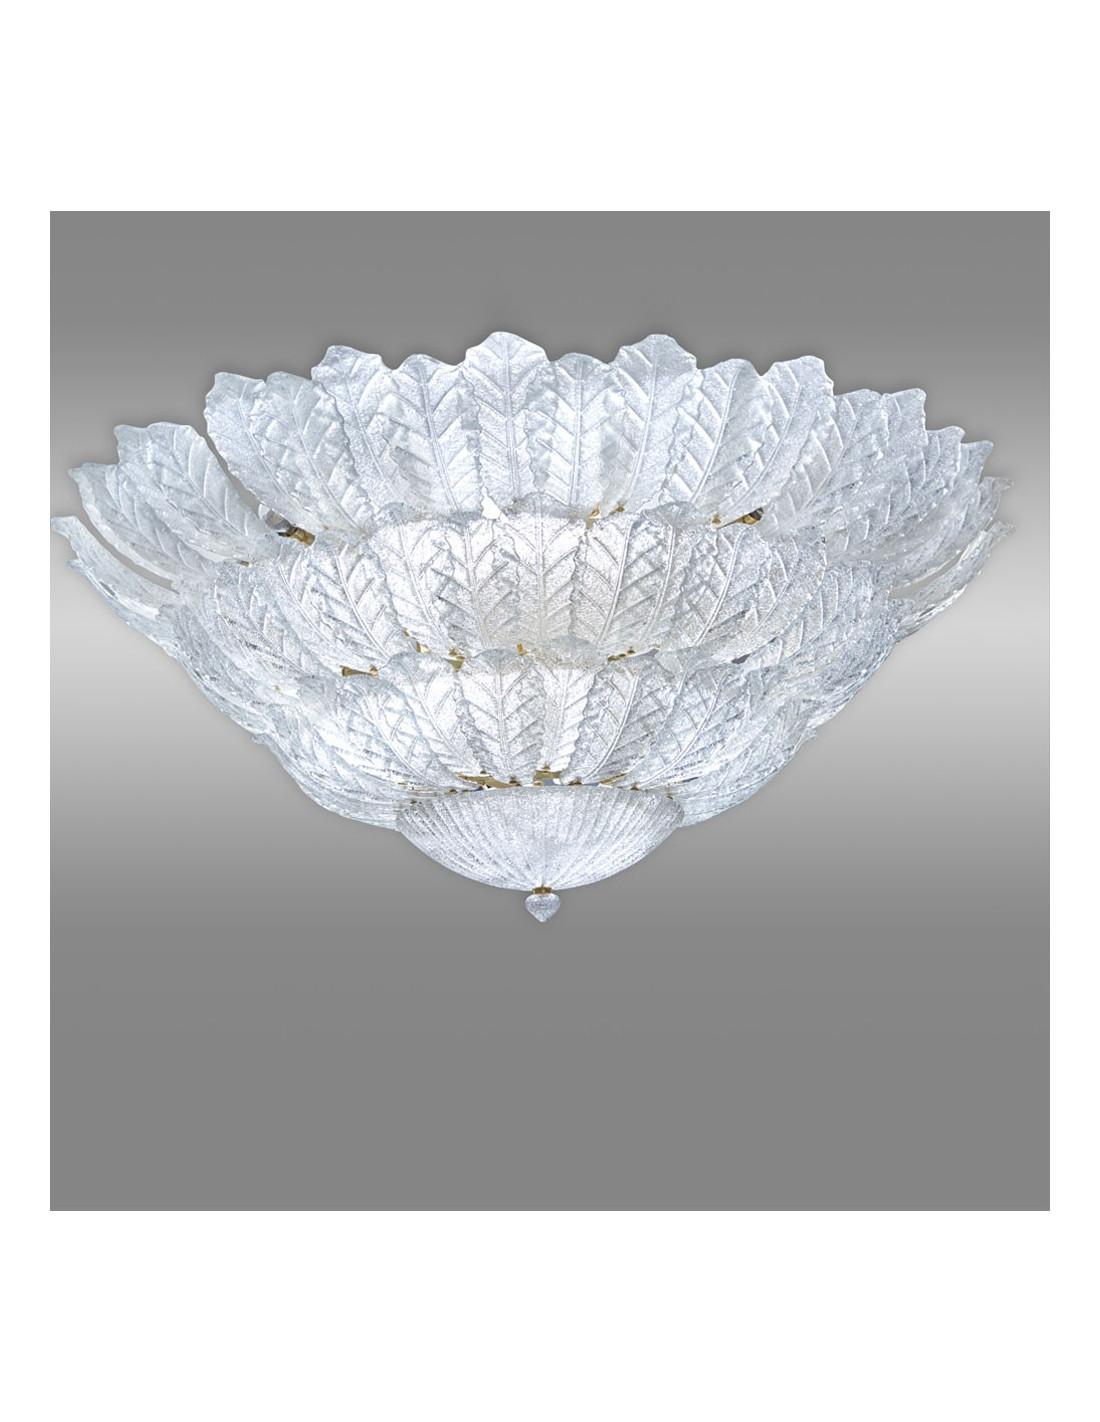 Tritone graniglia cristallo cristalleria murano for Graniglia di vetro